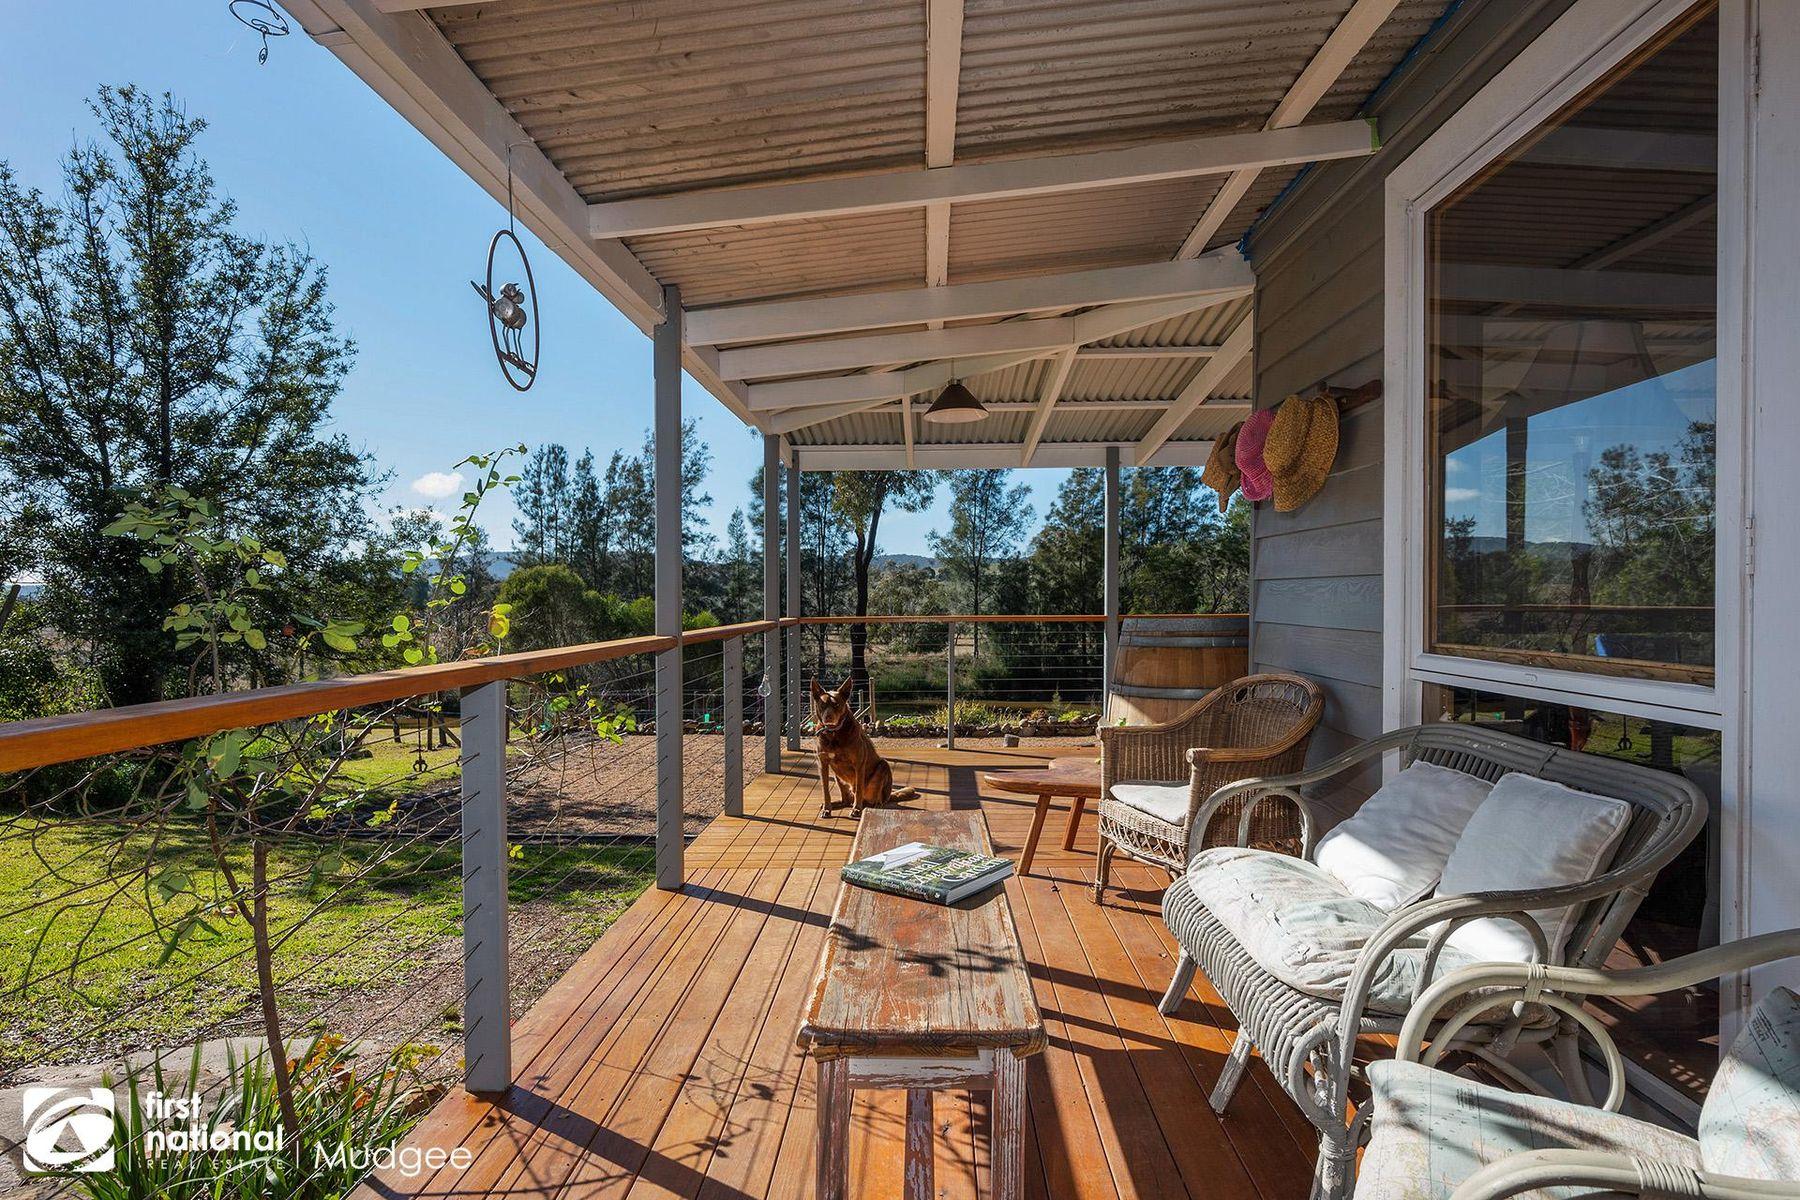 809 Old Grattai Road, Mudgee, NSW 2850